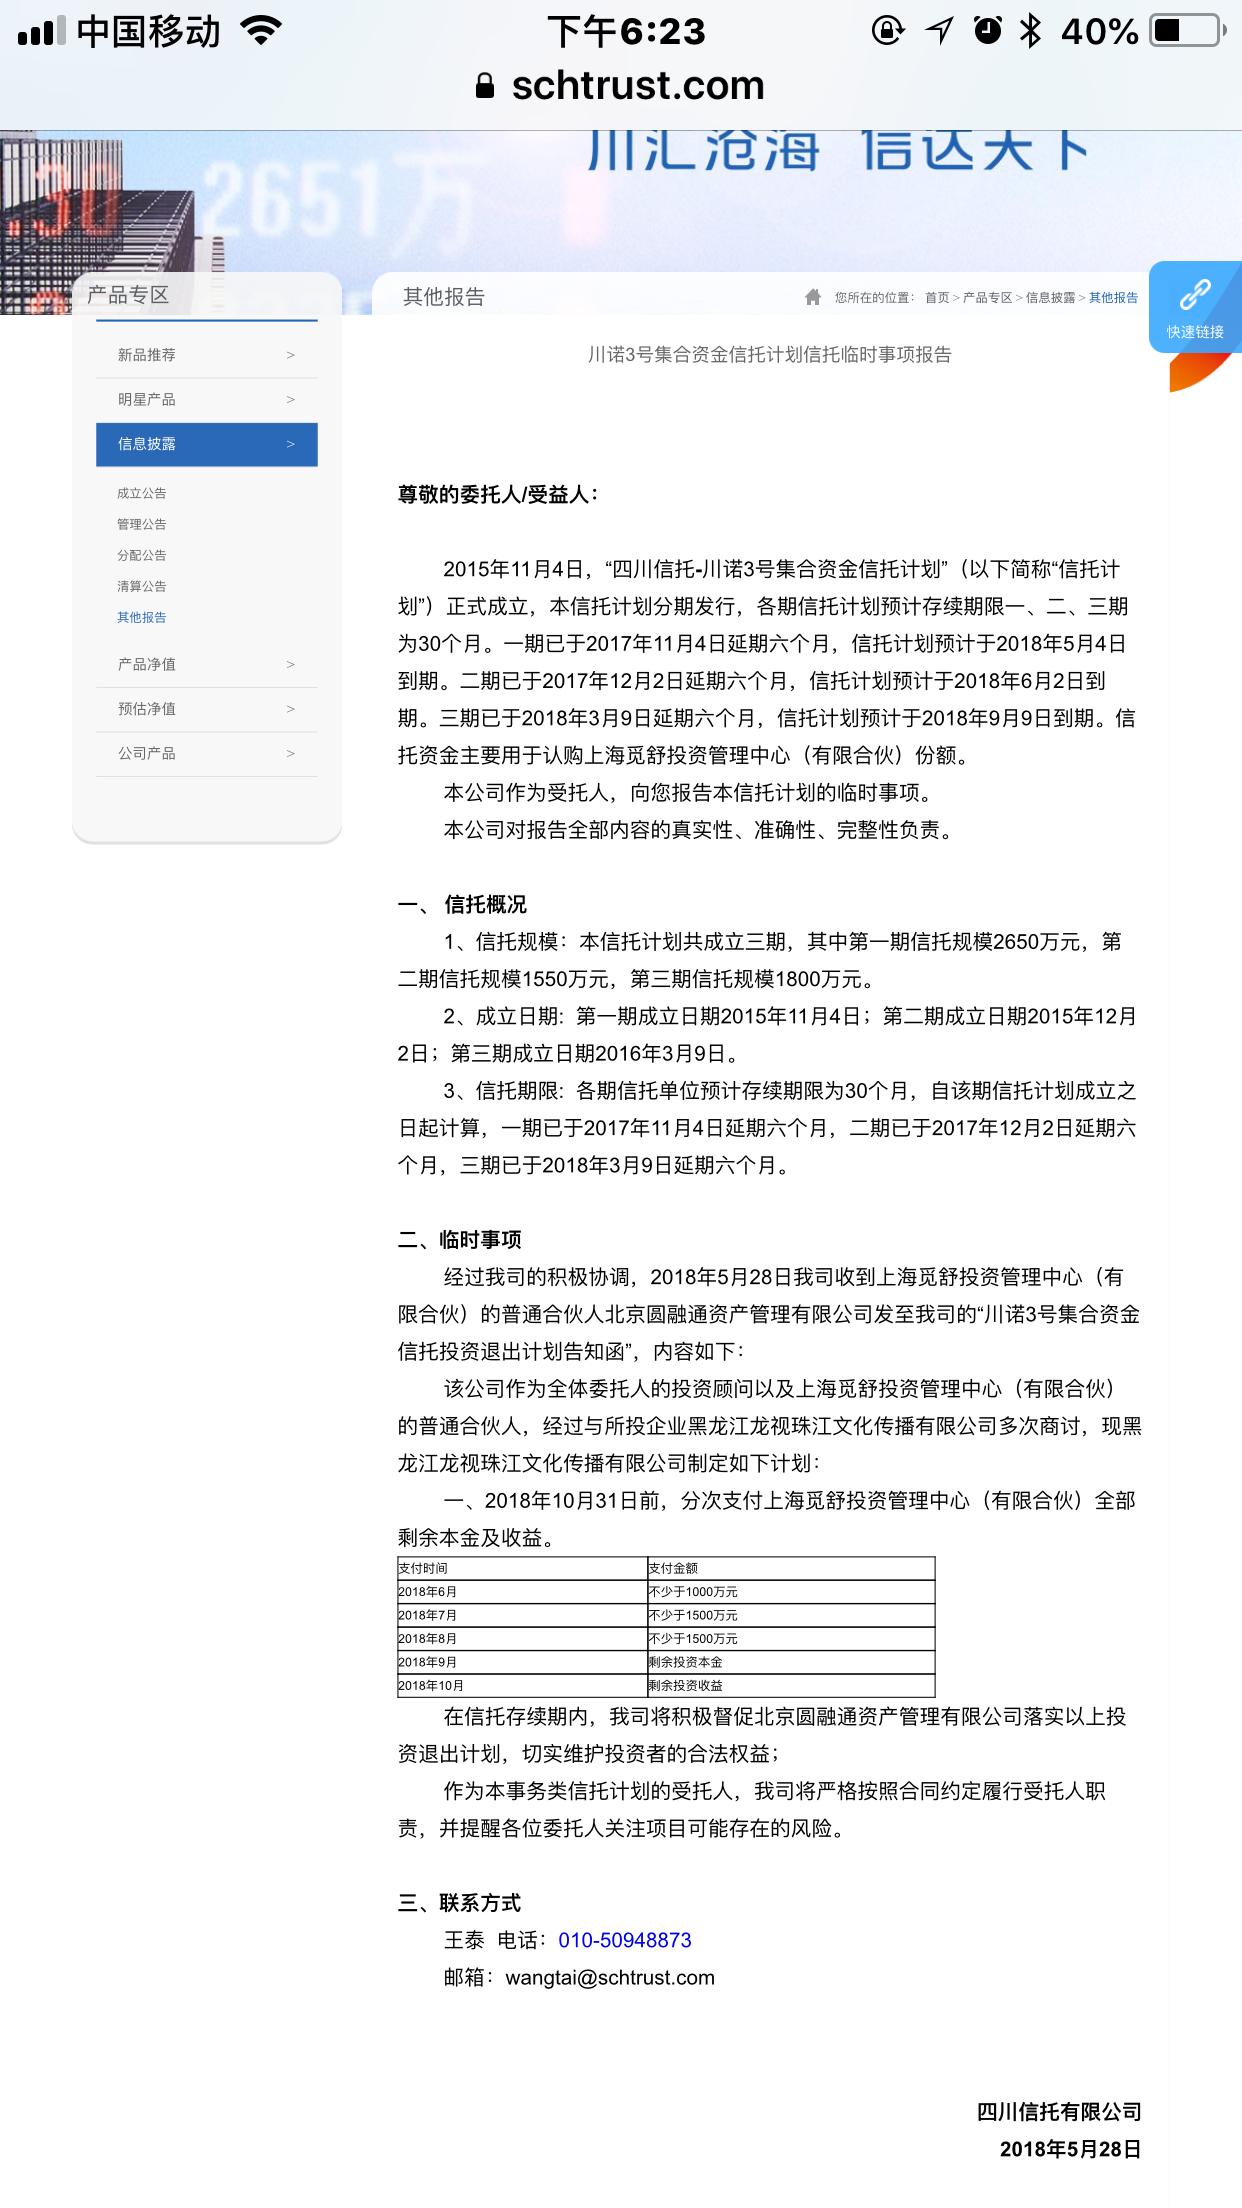 """管理混乱或者关联方合谋?四川信托任用""""老赖""""为投资顾问"""